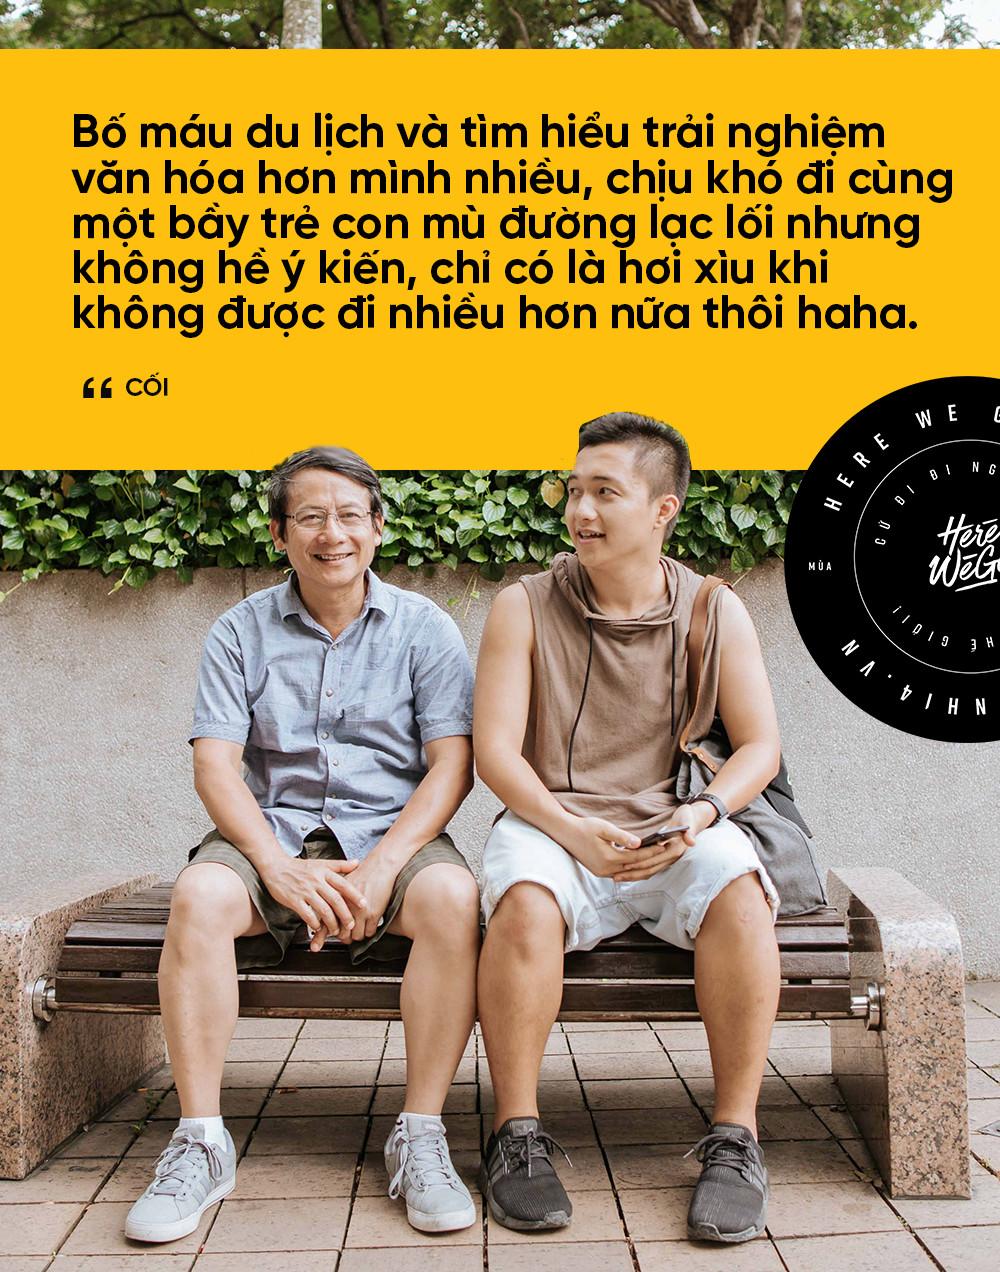 Bạn chọn ai khi muốn đi du lịch, cậu con trai Nghệ An 24 tuổi này rủ ông bố 60 tuổi, và họ có những trải nghiệm cùng nhau lần đầu tiên! - Ảnh 10.